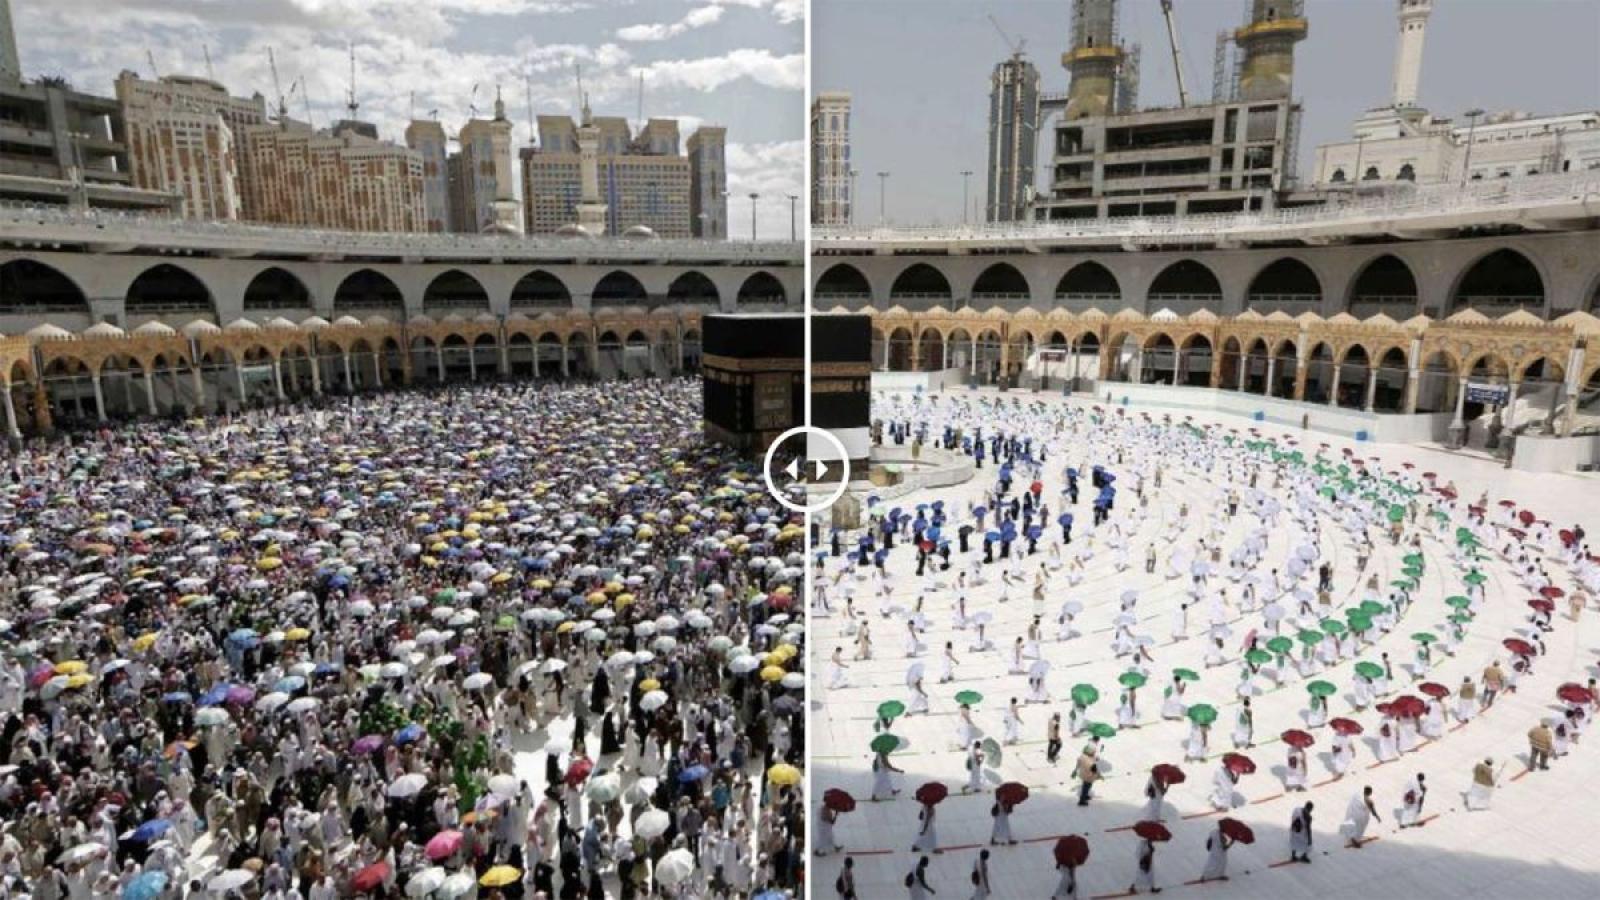 Tín đồ đạo Hồi lần đầu tới Saudi Arabia hành hương sau nhiều tháng phong tỏa vì Covid-19